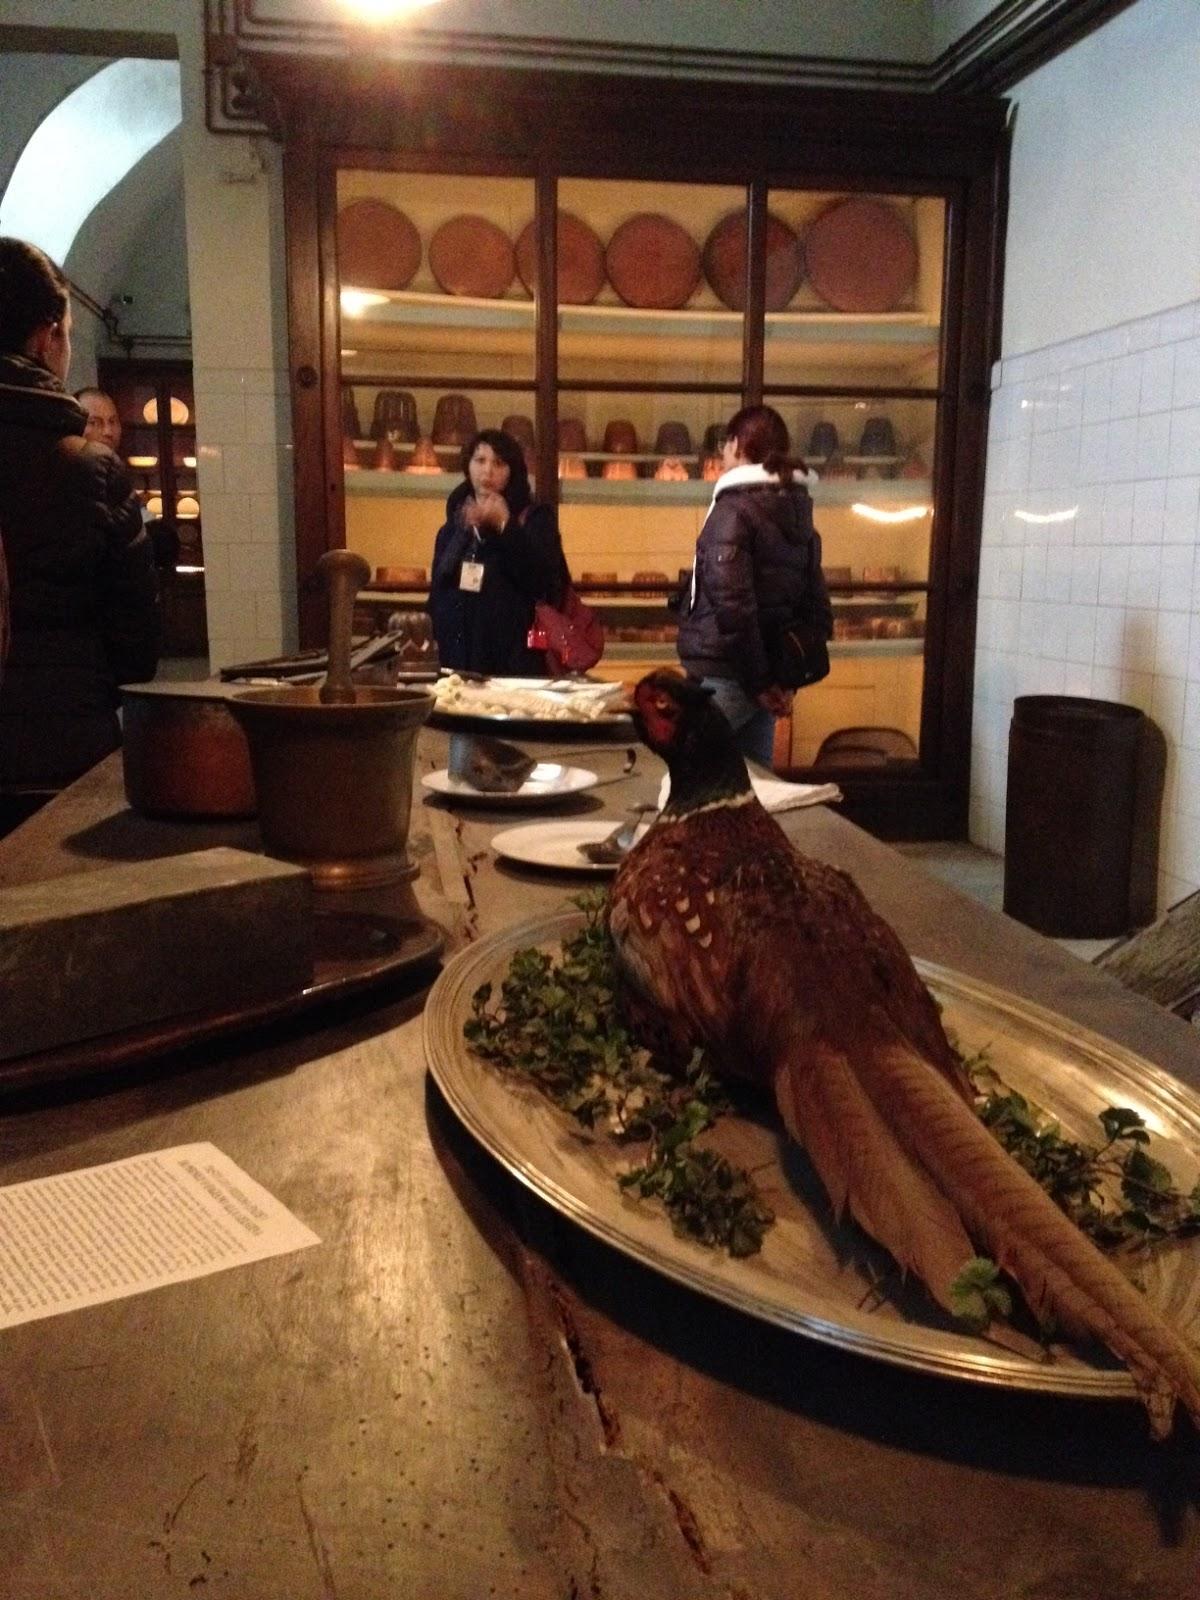 molte informazioni storiche a riguardo come quelle legate al cerimoniale della tavola ed agli uffici di bocca che sovrintendevano le cucine e